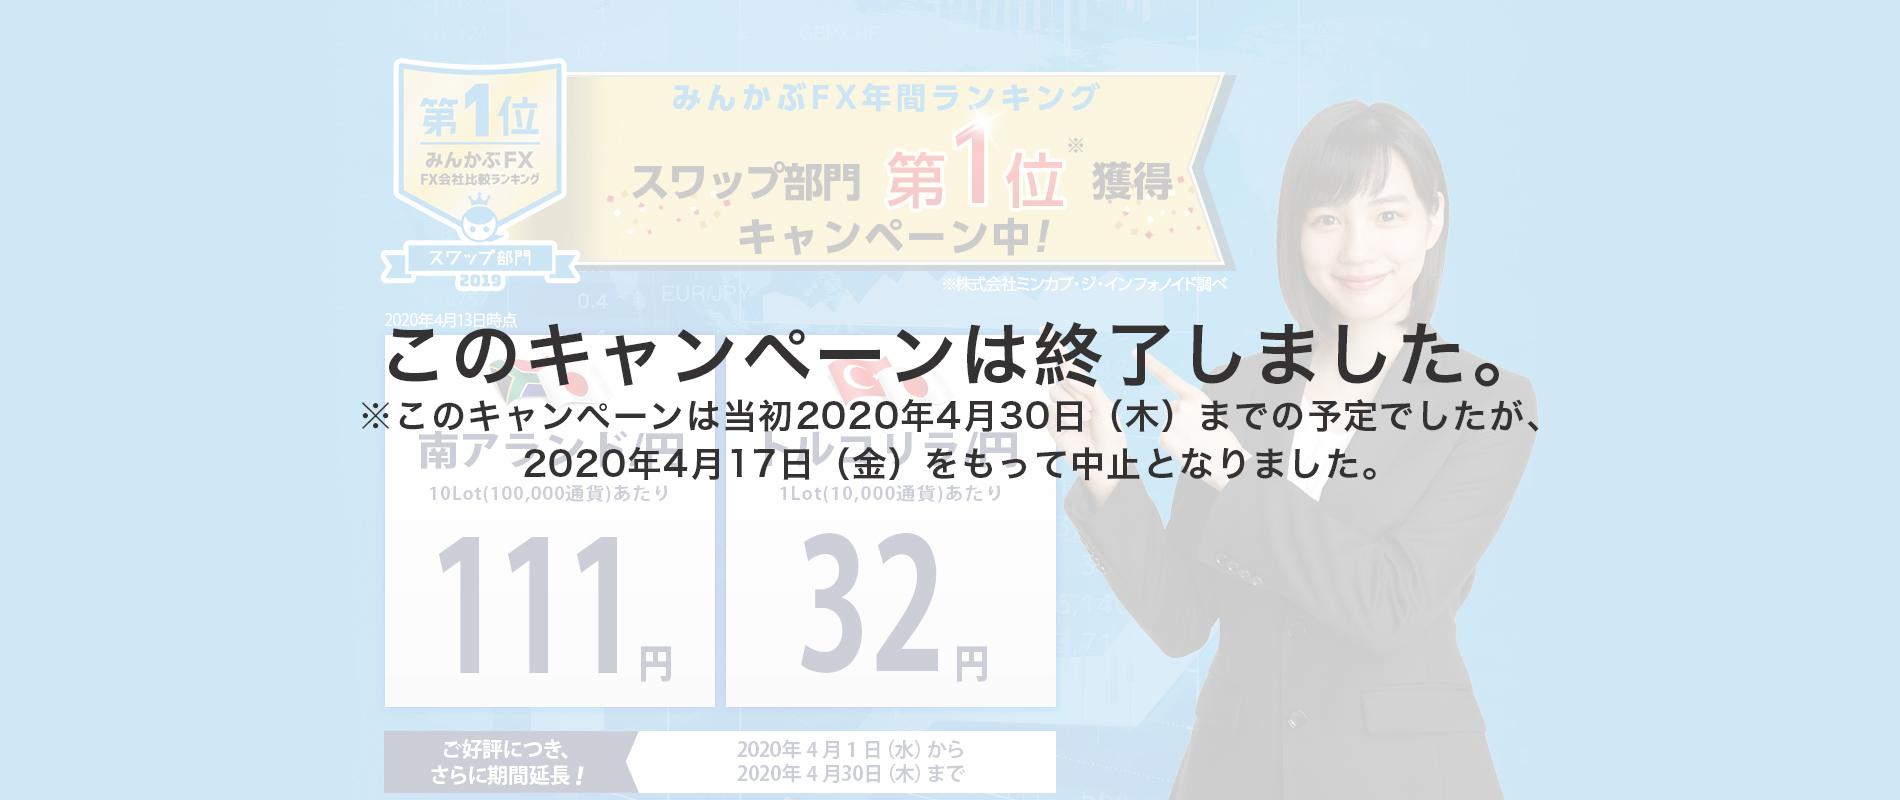 みんかぶFX年間ランキングスワップ部門第1位獲得キャンペーン第2弾